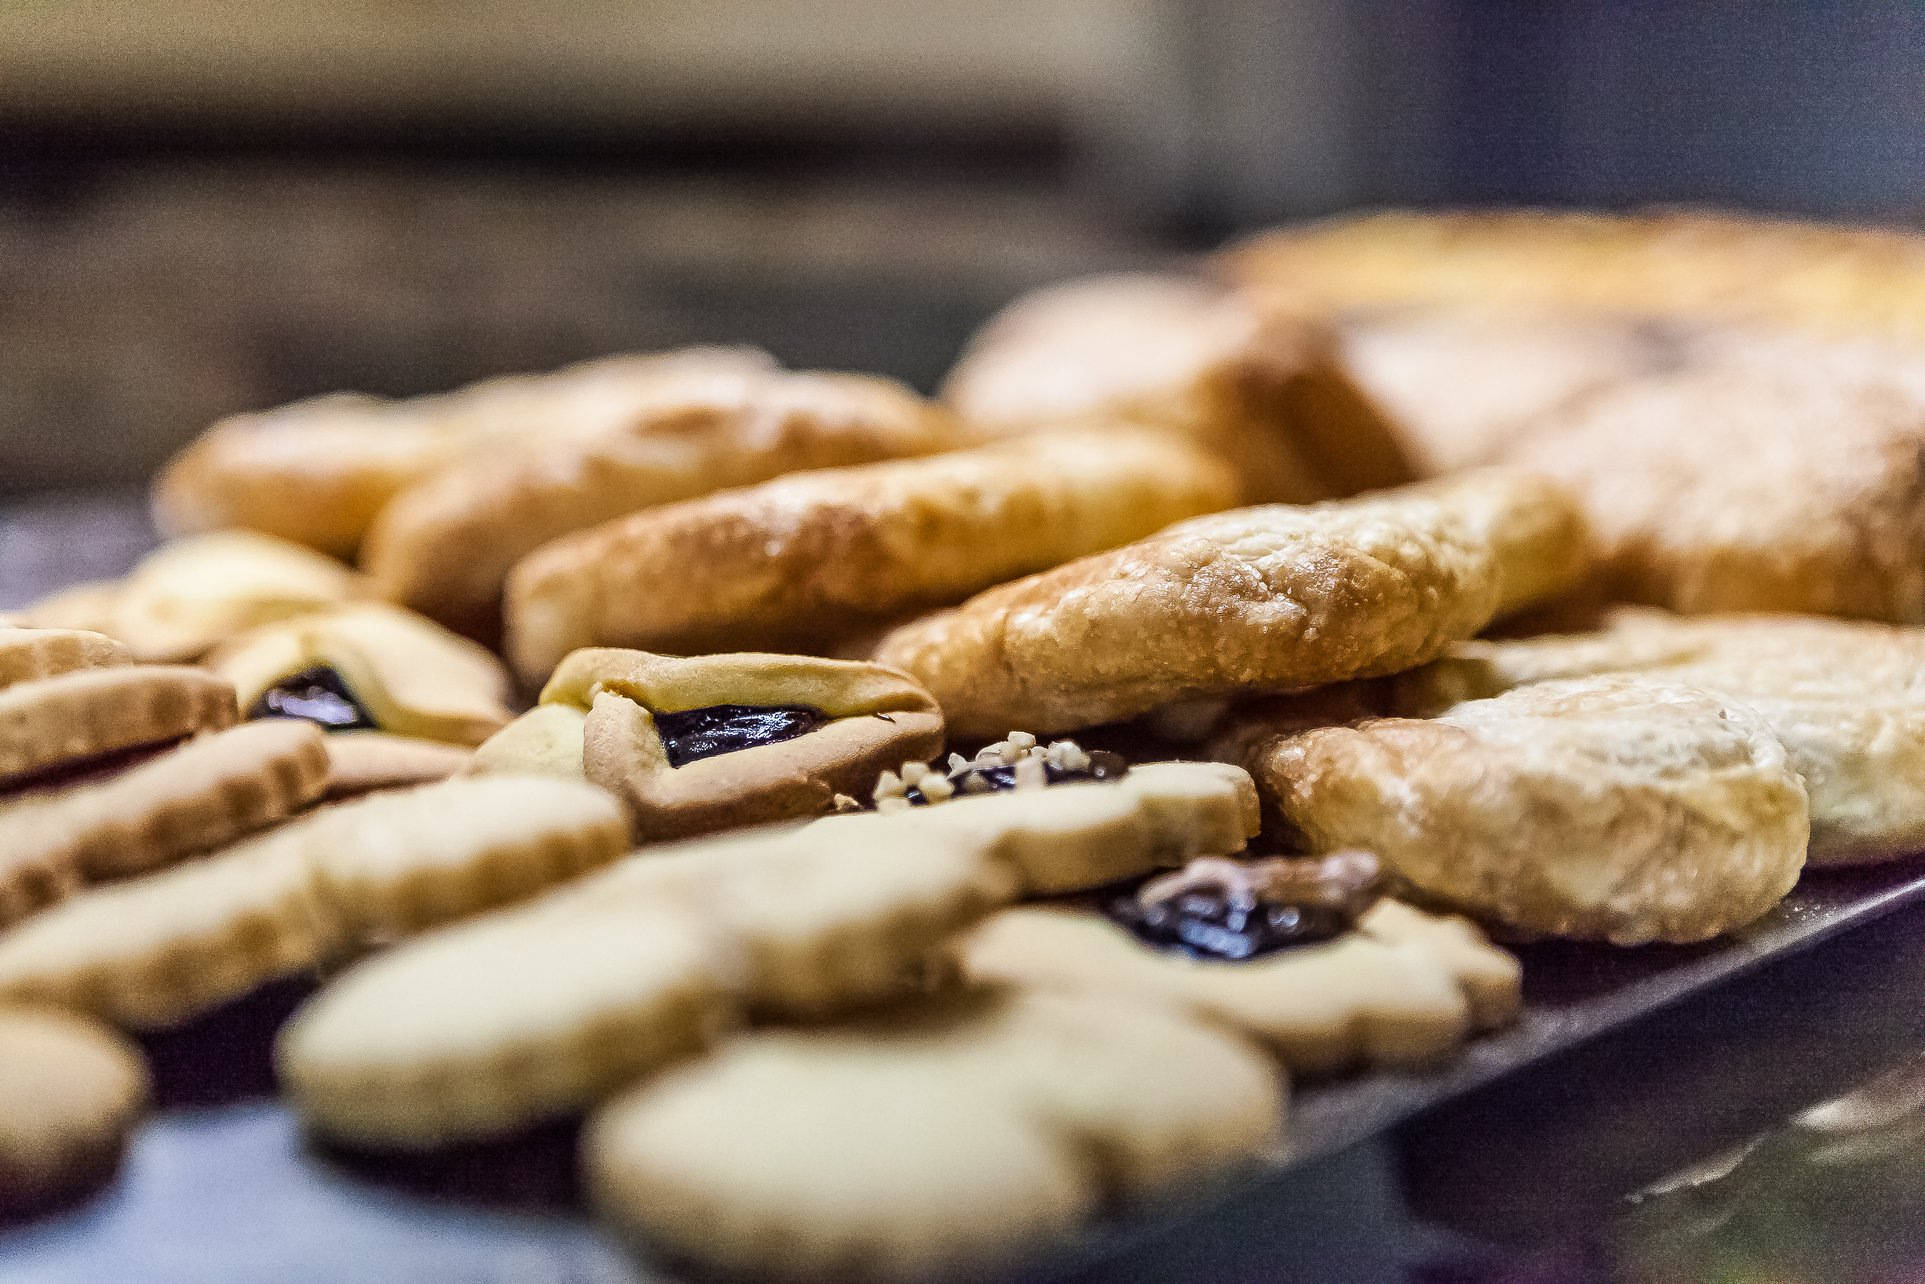 Panificio-Rimbocchi-Arezzo-Biscotti-Dolci-img